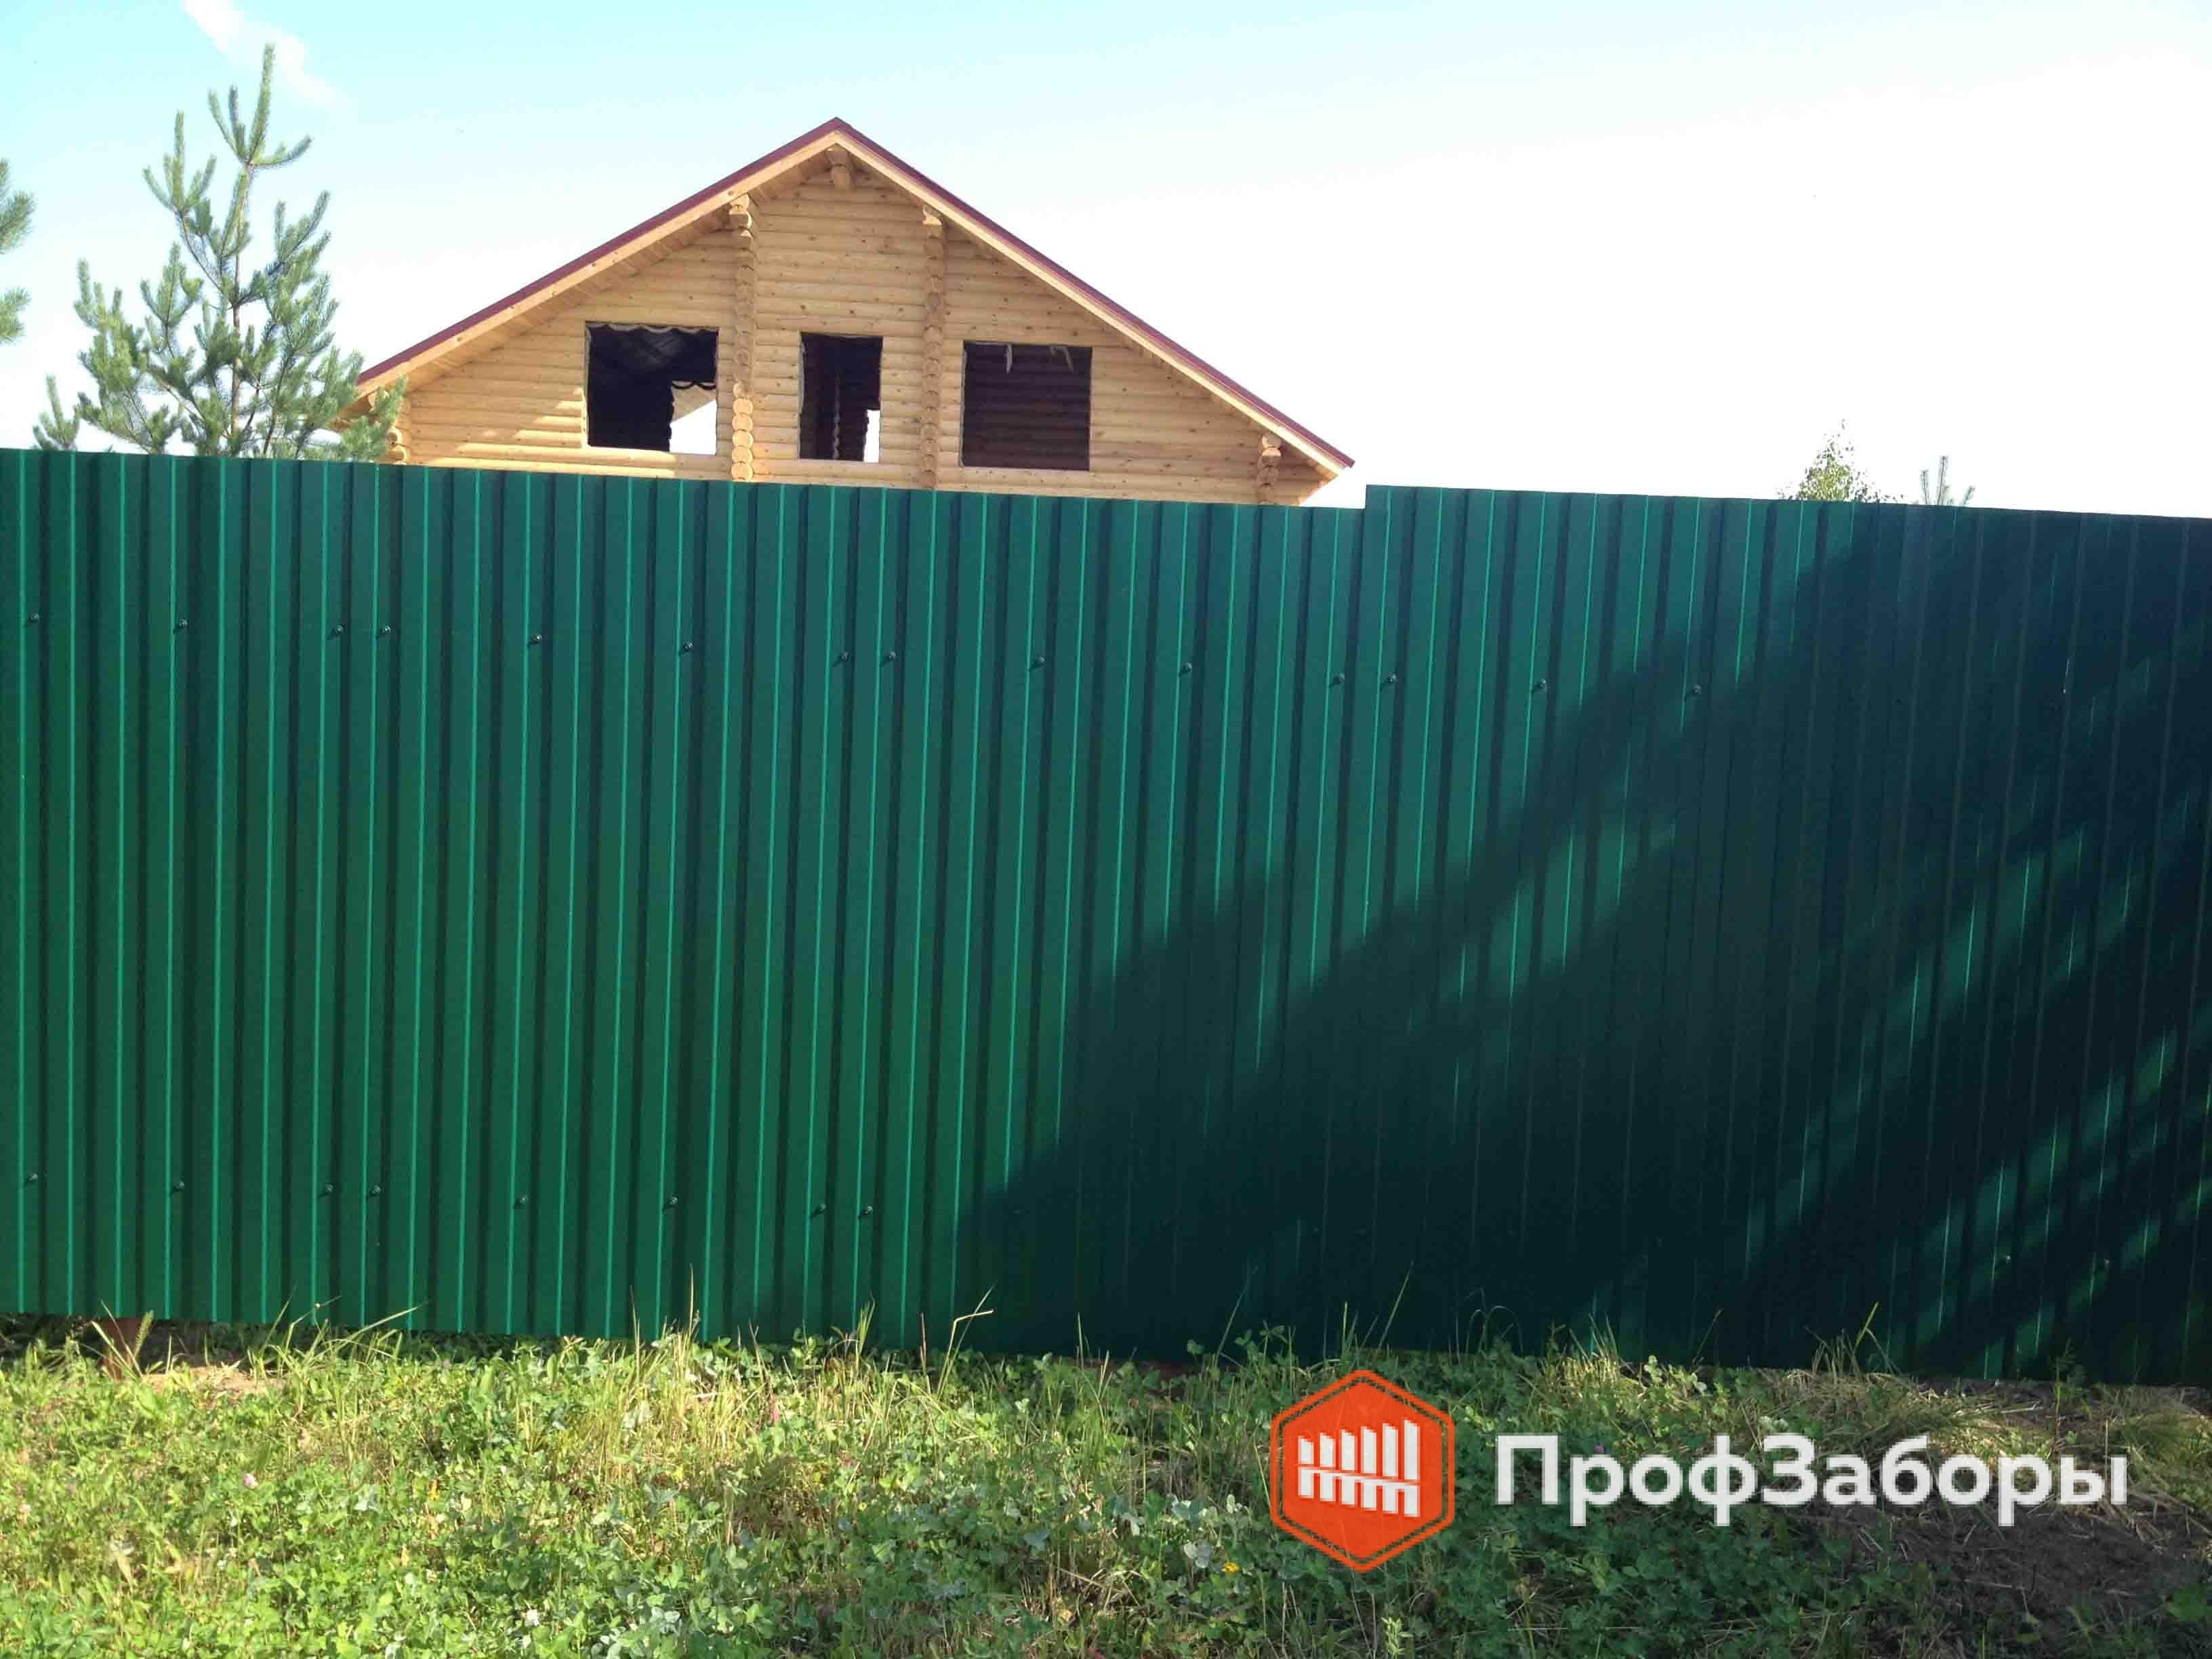 Заборы Из профнастила  - Город Дрезна. Фото 4